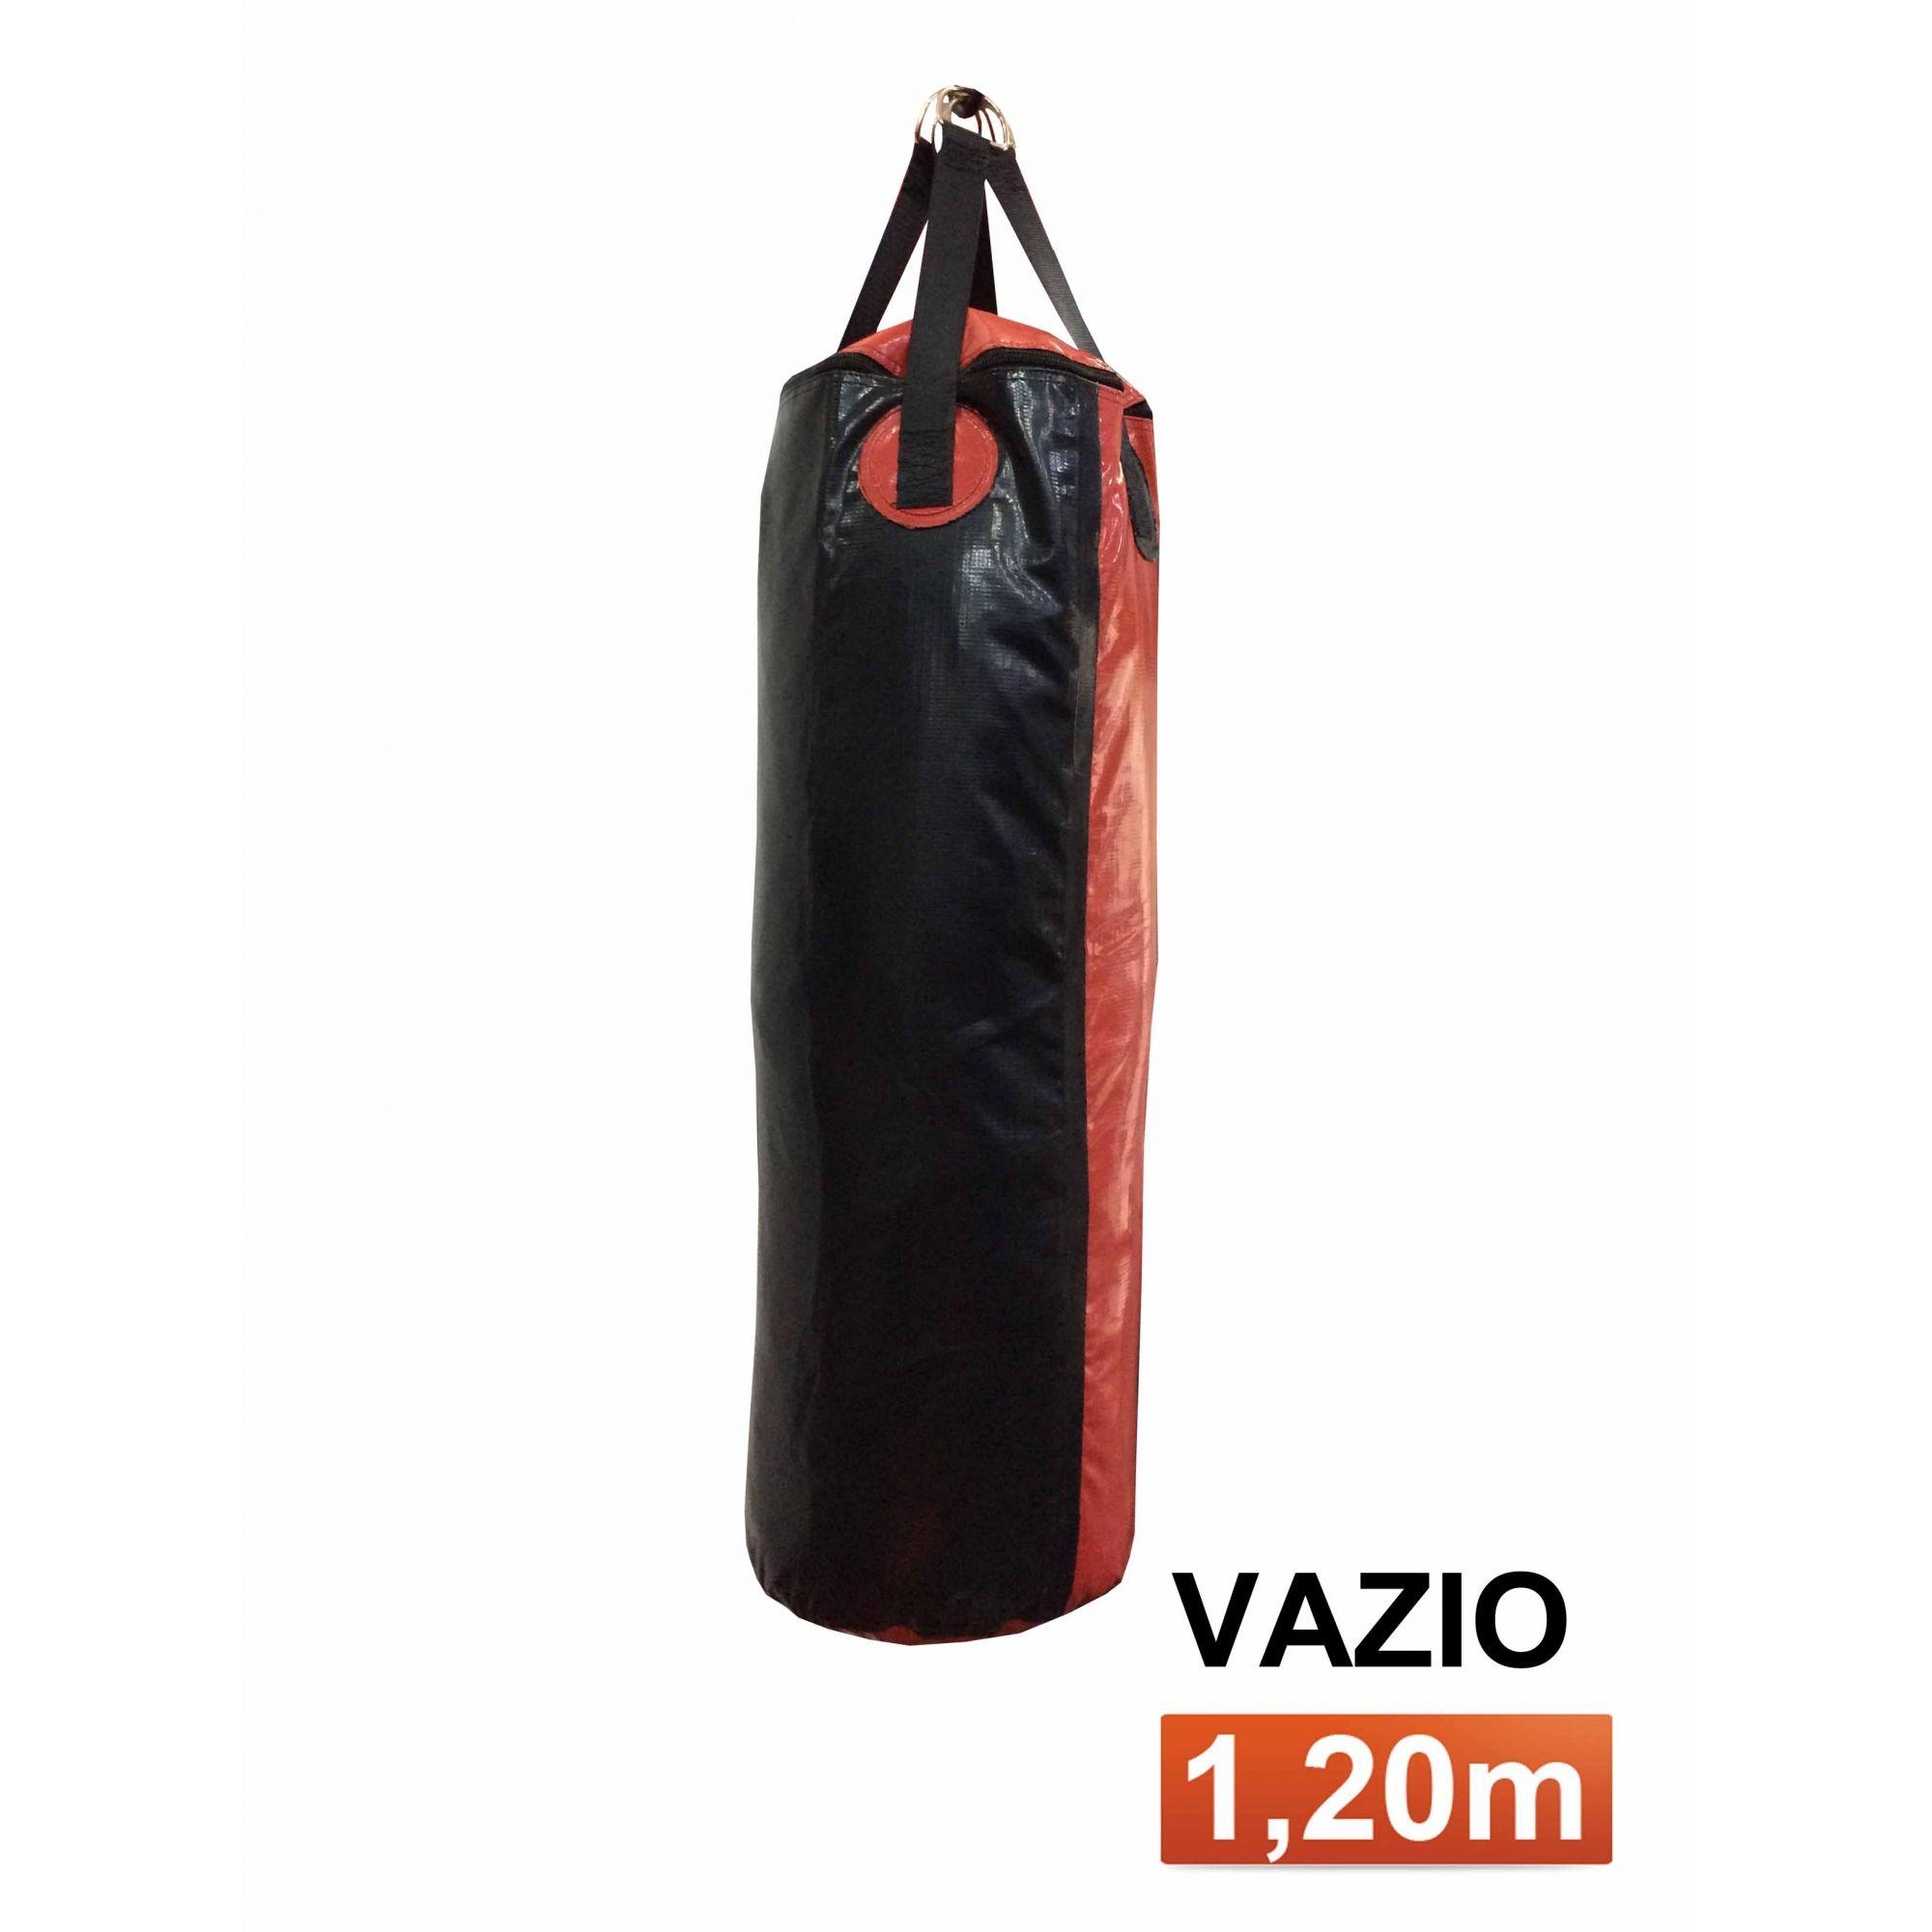 Saco de Pancadas - Lona Náutica - Vazio - 1,20m- Toriuk  - Loja do Competidor